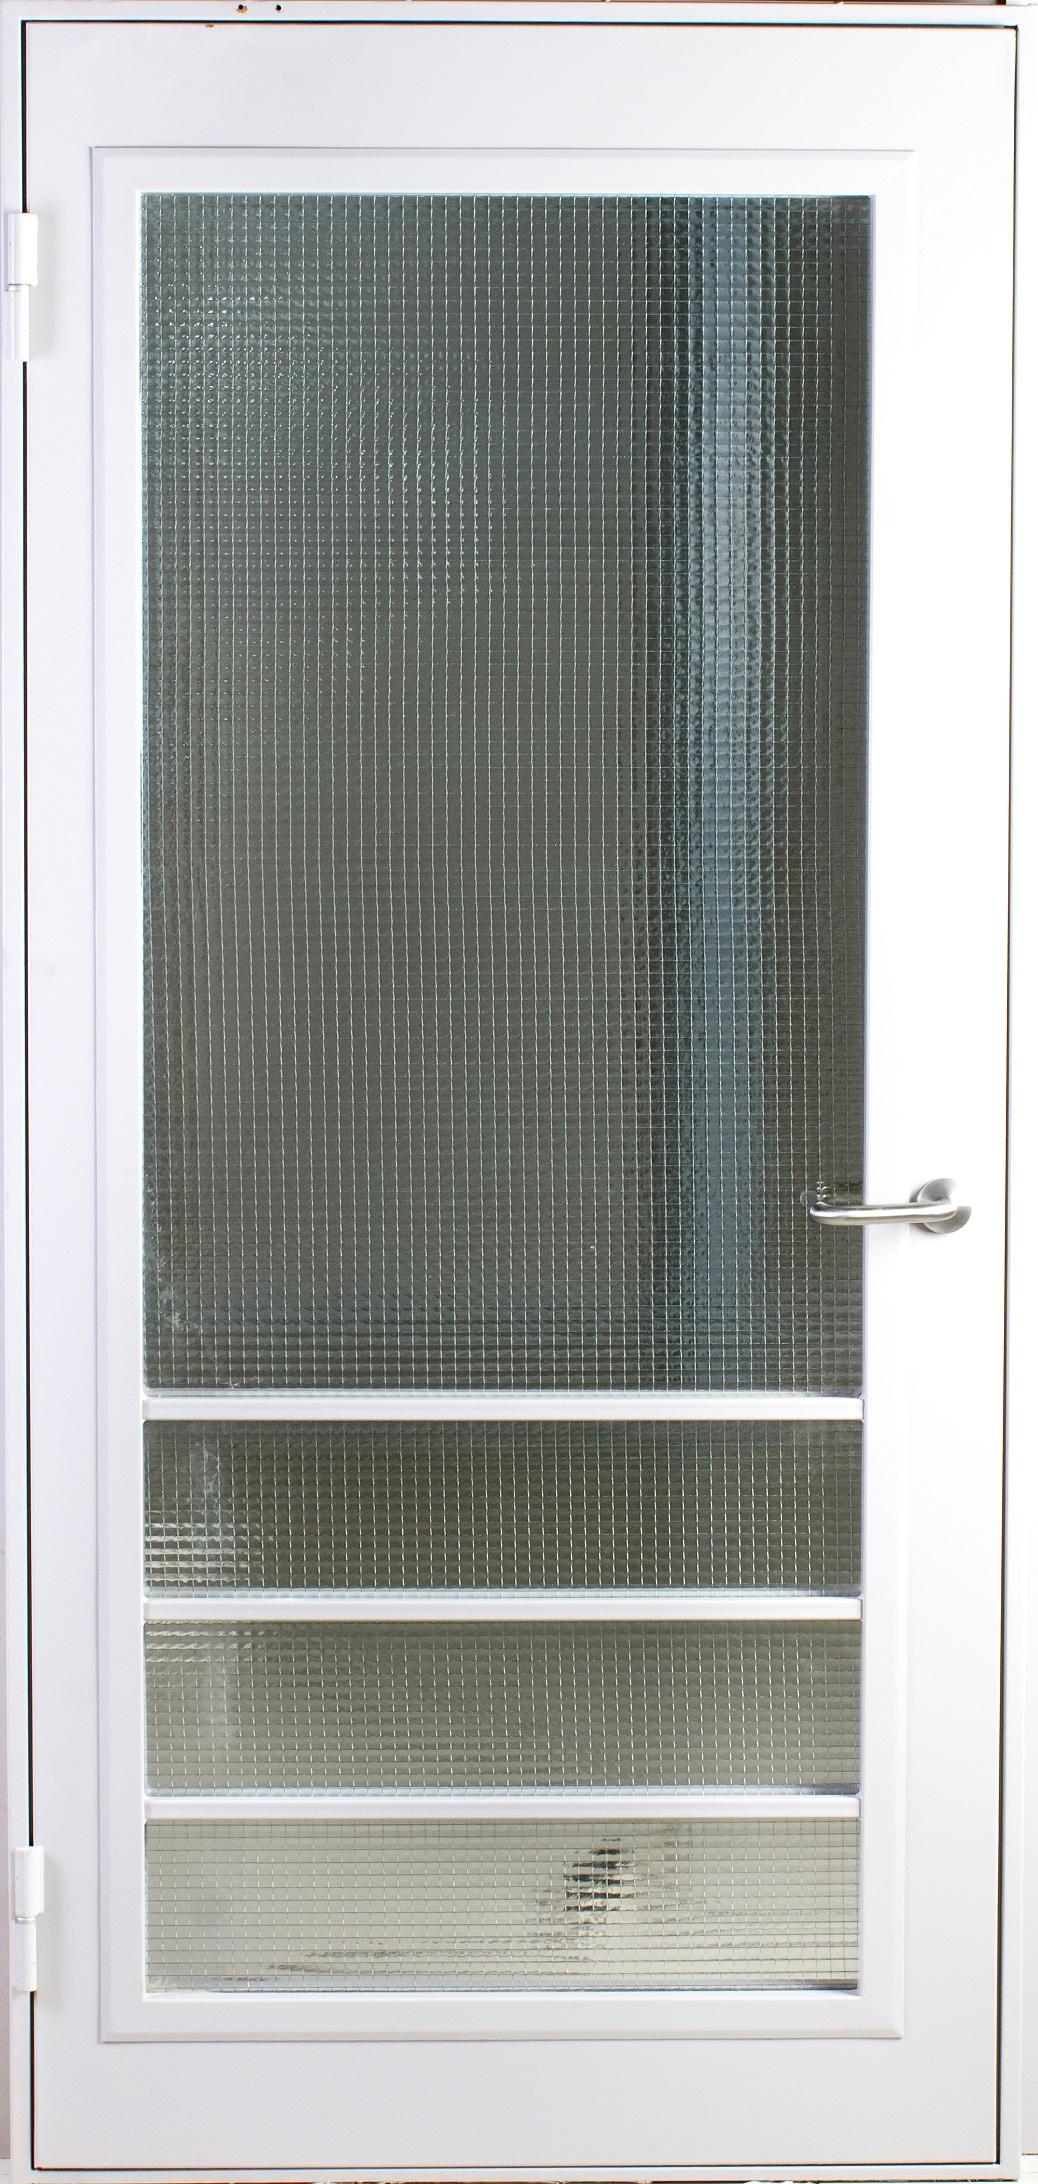 Техническая дверь переходного балкона